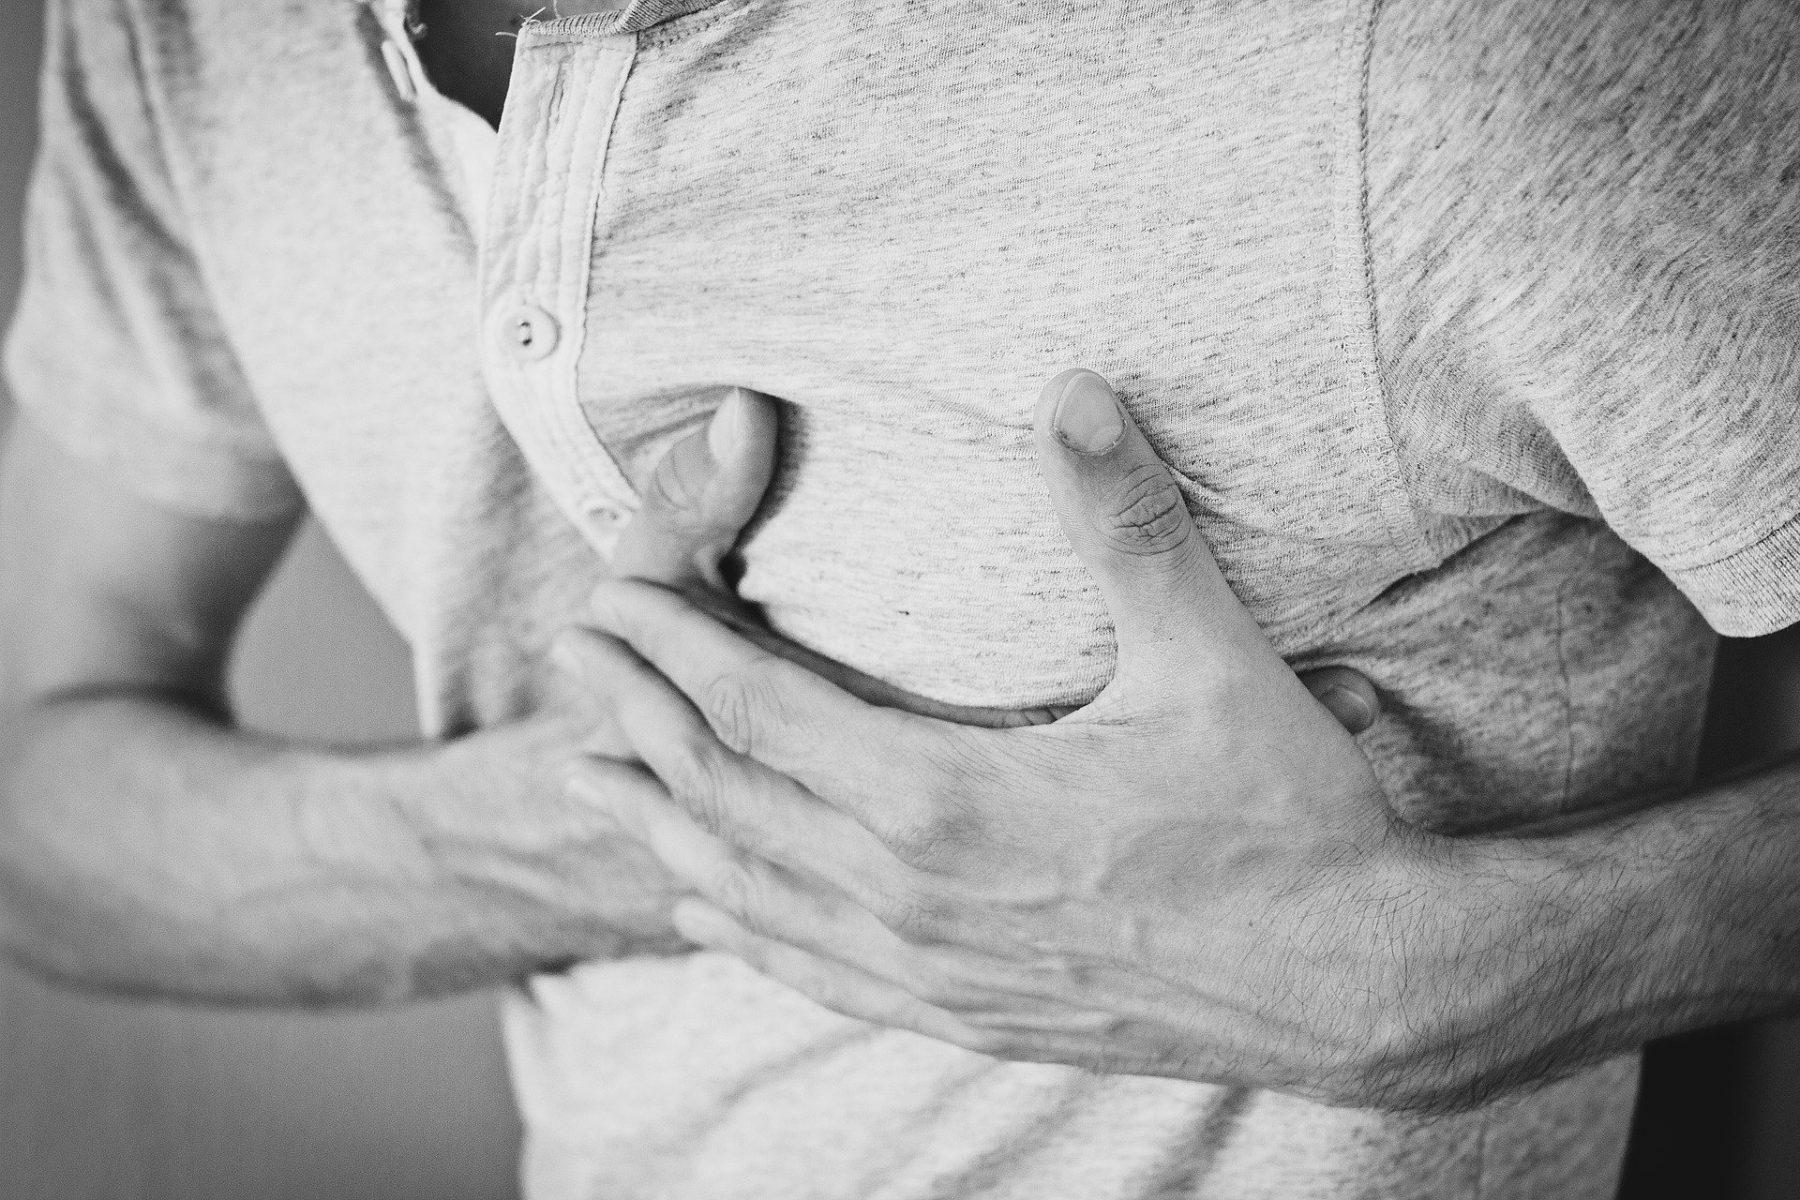 Κρίση πανικού καρδιακή προσβολή: Πώς να βρείτε τη διαφορά